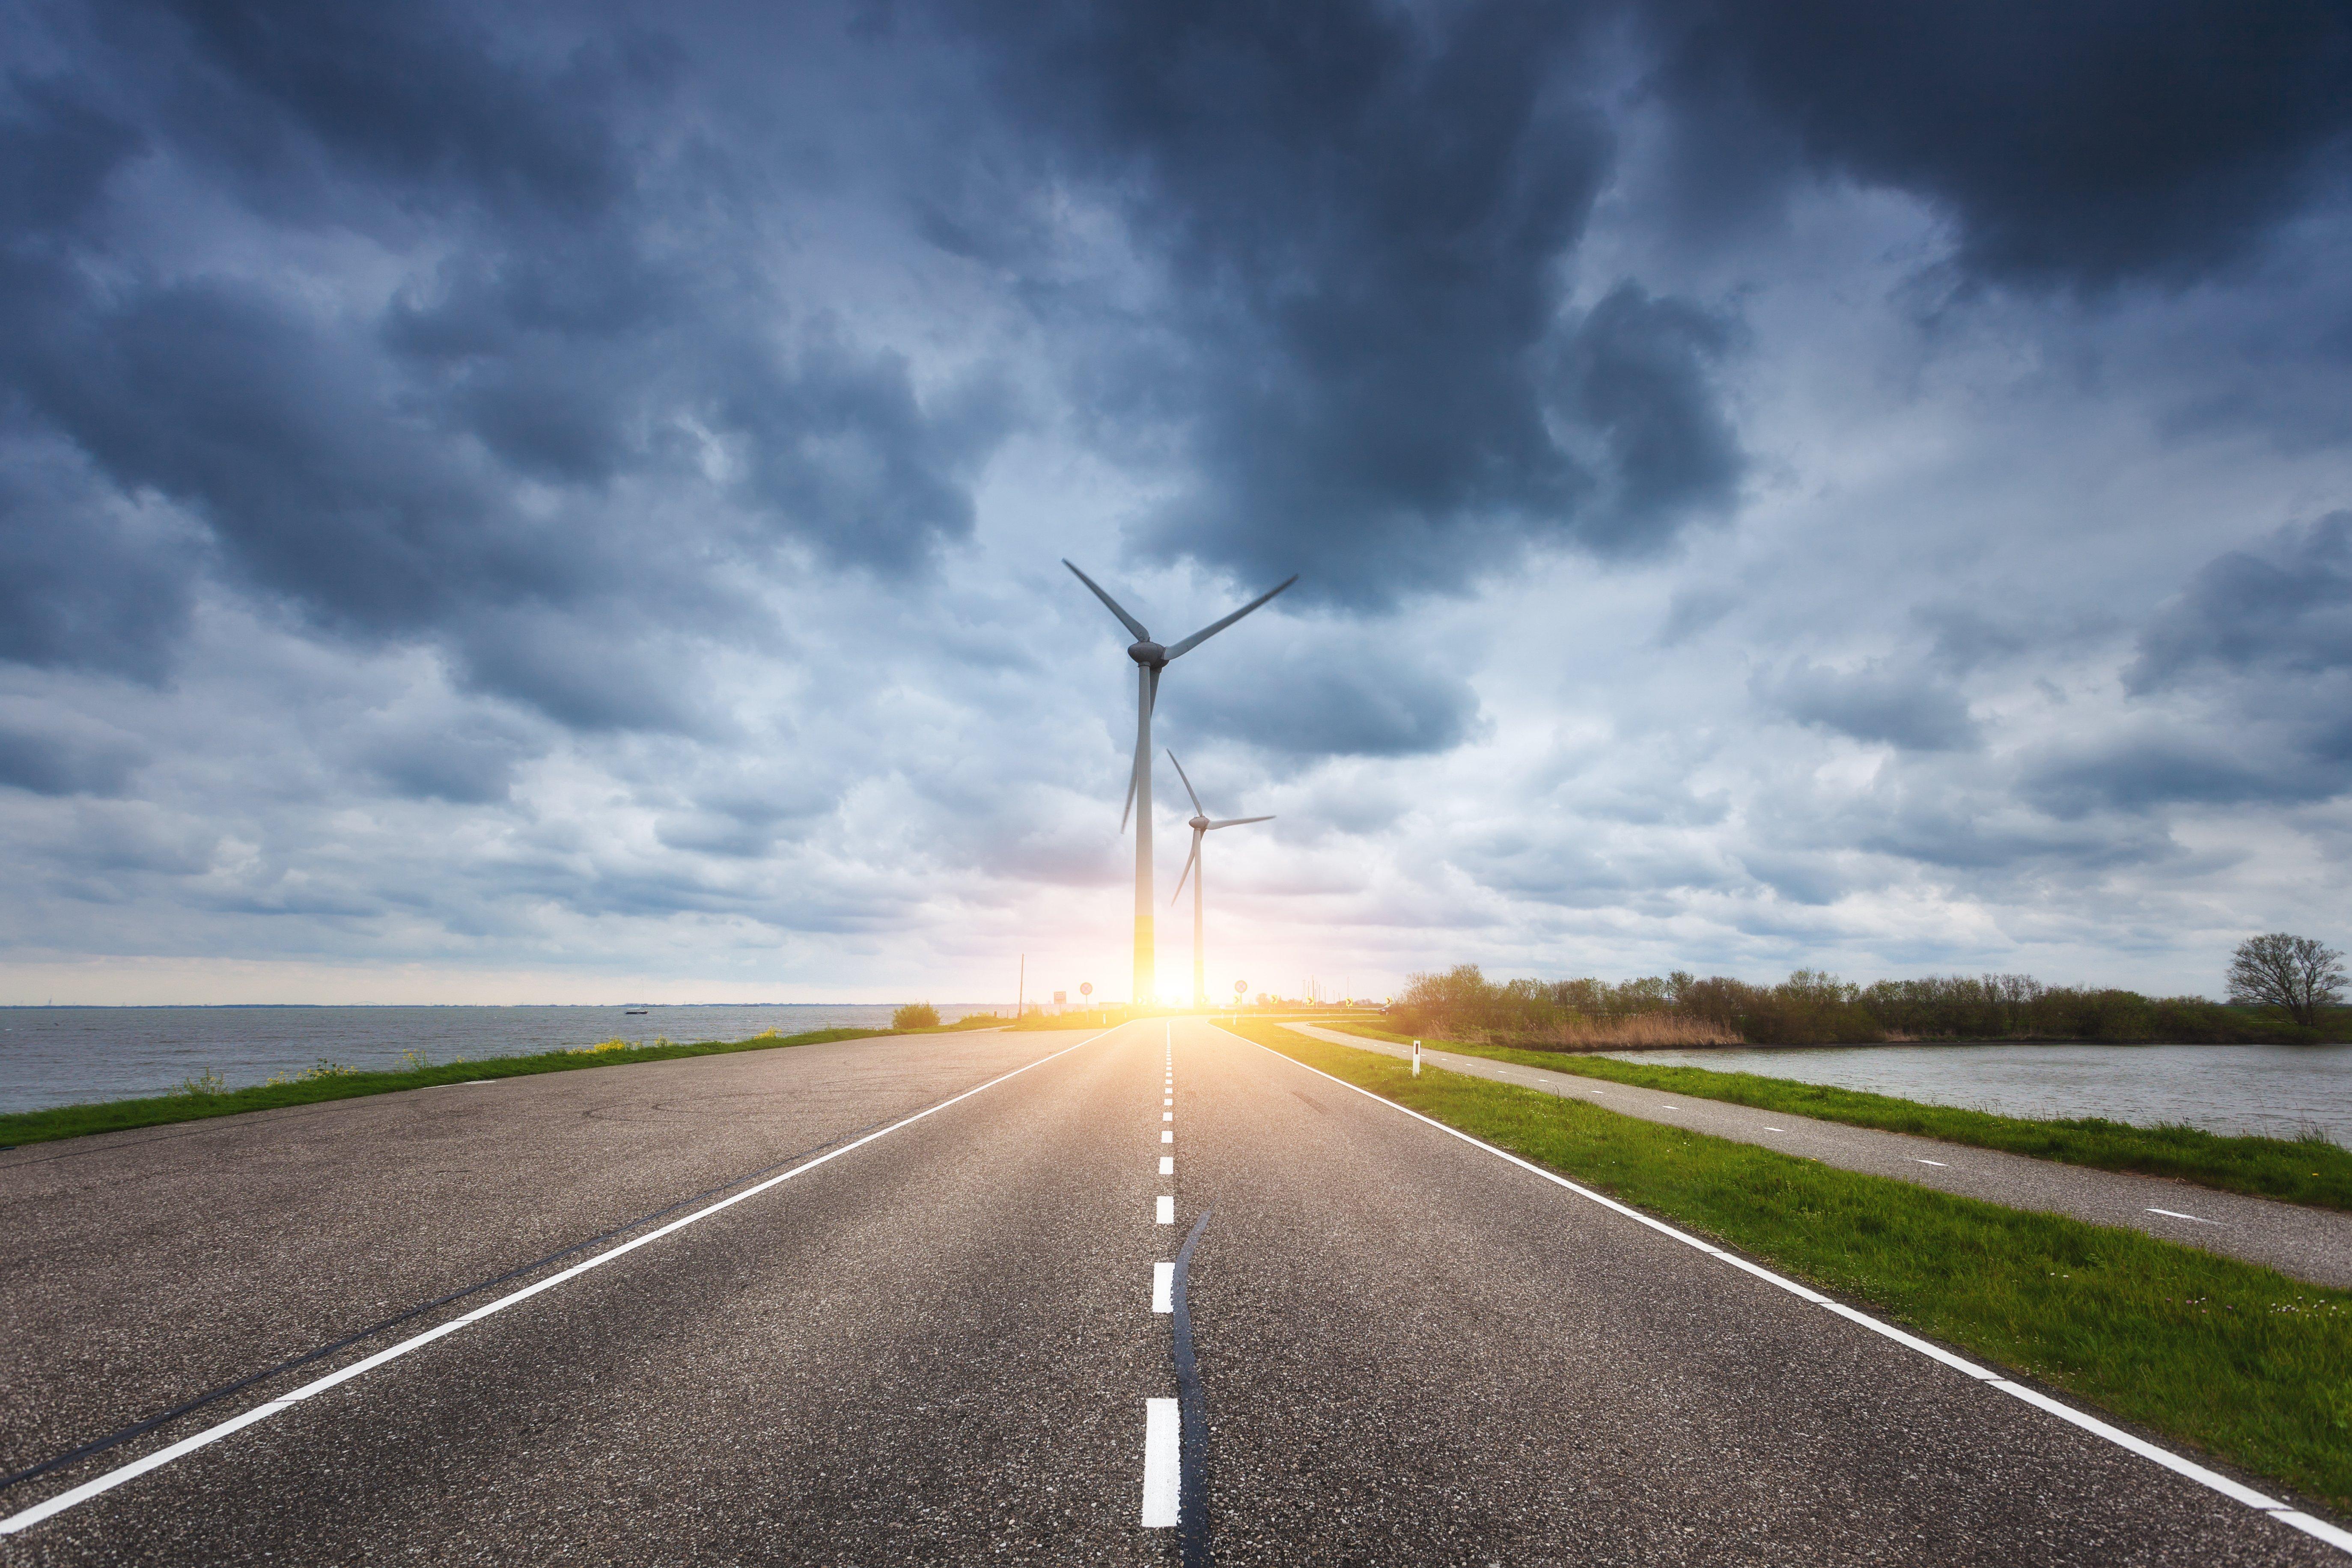 aslphalt road leading to wind turbines